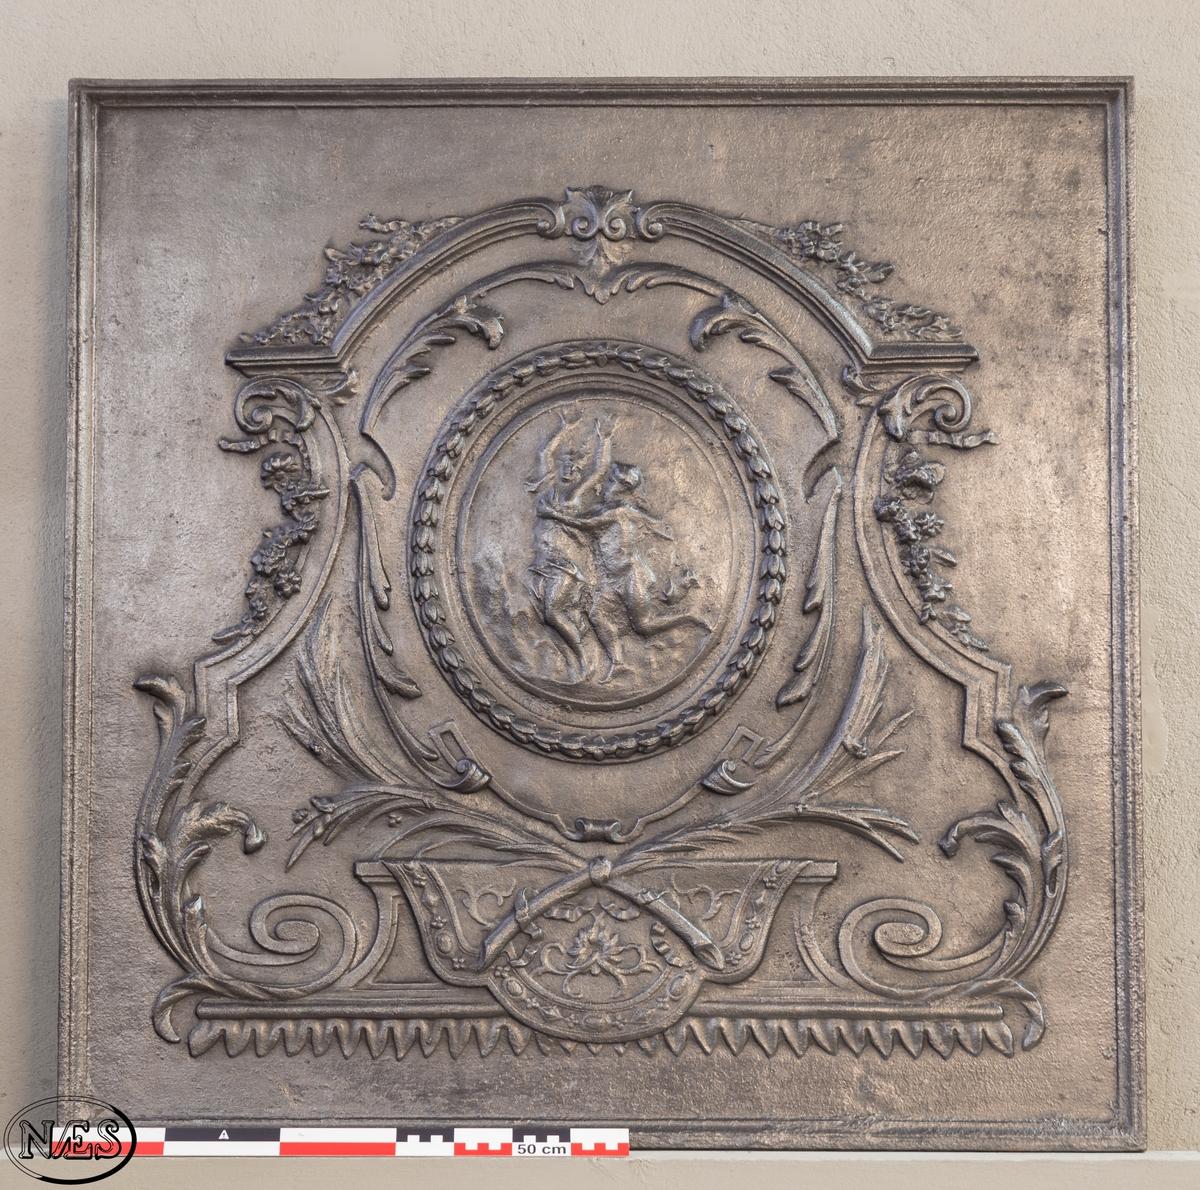 Kaminplate. Kvadratisk i formen. Støpt i åpen form. Hele platen er rammet inn med en enkel profilert list. Motivet er symetrisk oppbygget i akantusstil med en medaljong i midten. Medaljongen er rammet inn med laubærblader og dansende muser i midten.